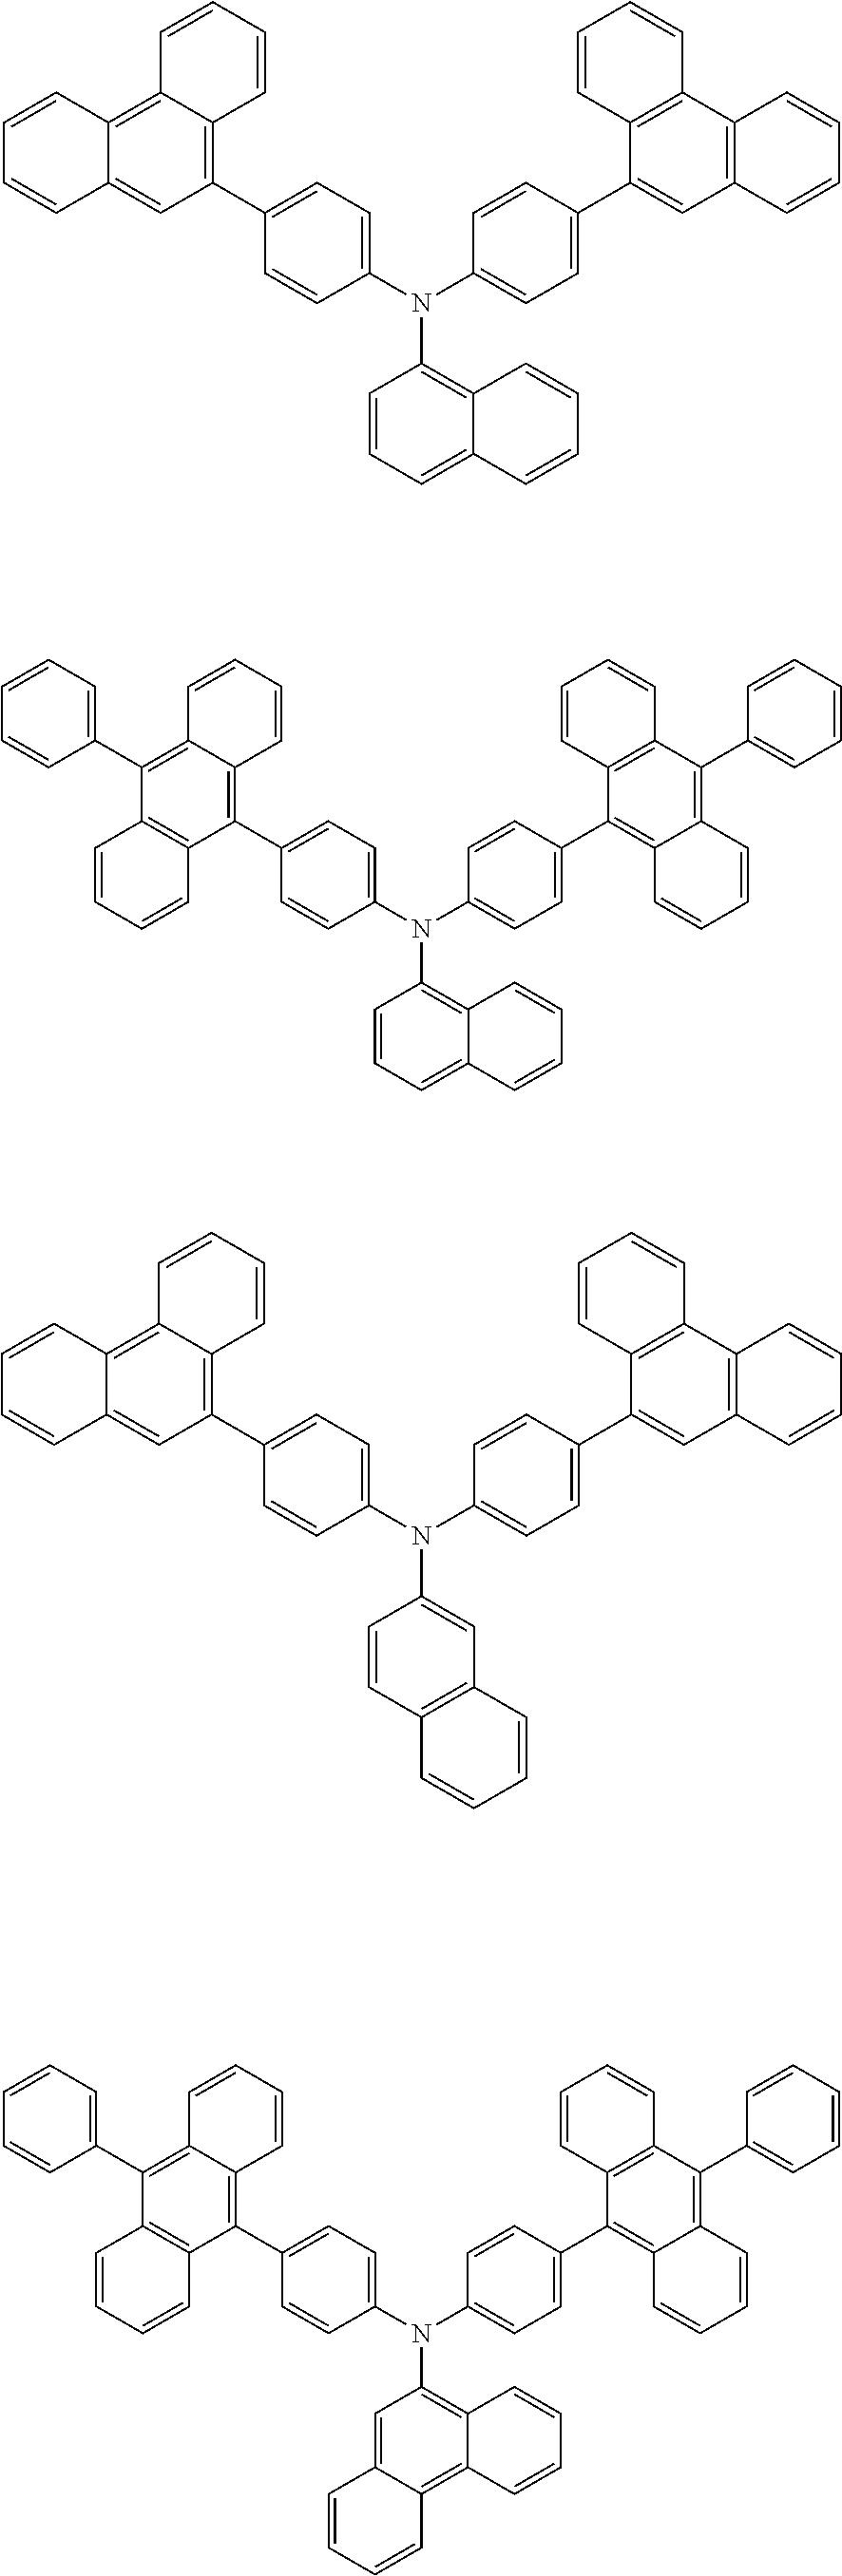 Figure US09837615-20171205-C00132